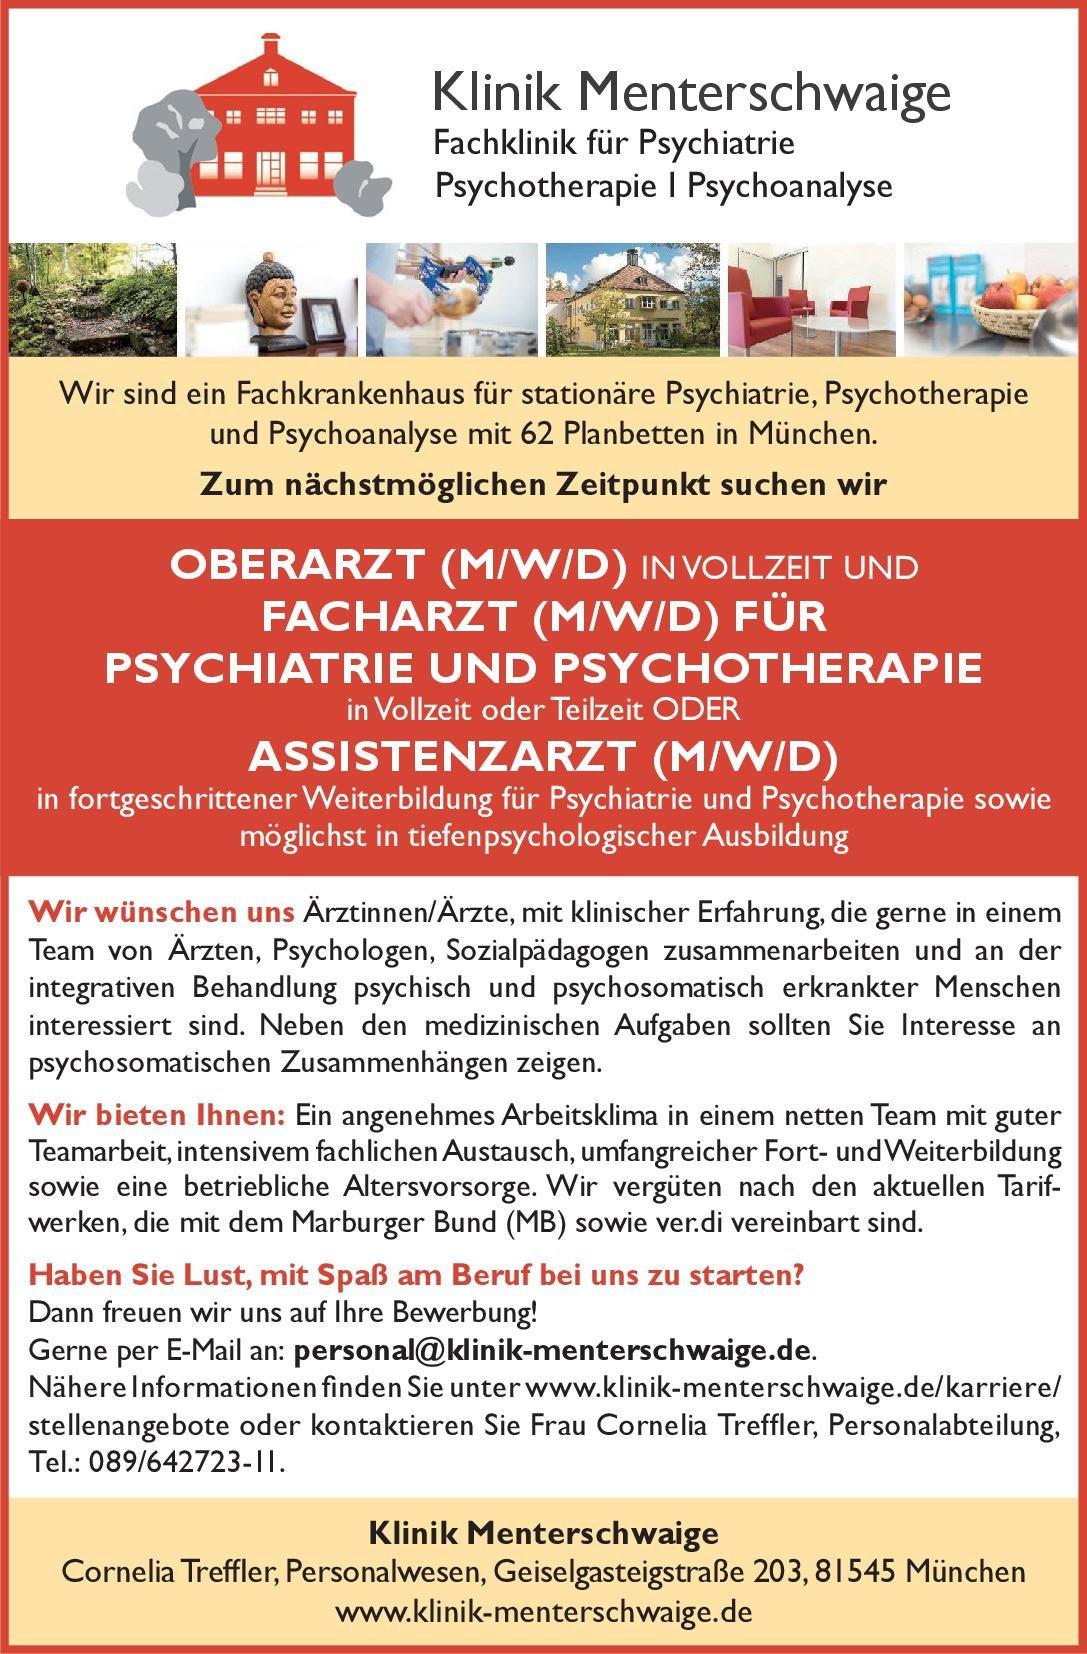 Klinik Menterschwaige Facharzt (m/w/d) oder Assistenzarzt (m/w/d) Psychiatrie und Psychotherapie  Psychiatrie und Psychotherapie, Psychiatrie und Psychotherapie Arzt / Facharzt, Assistenzarzt / Arzt in Weiterbildung